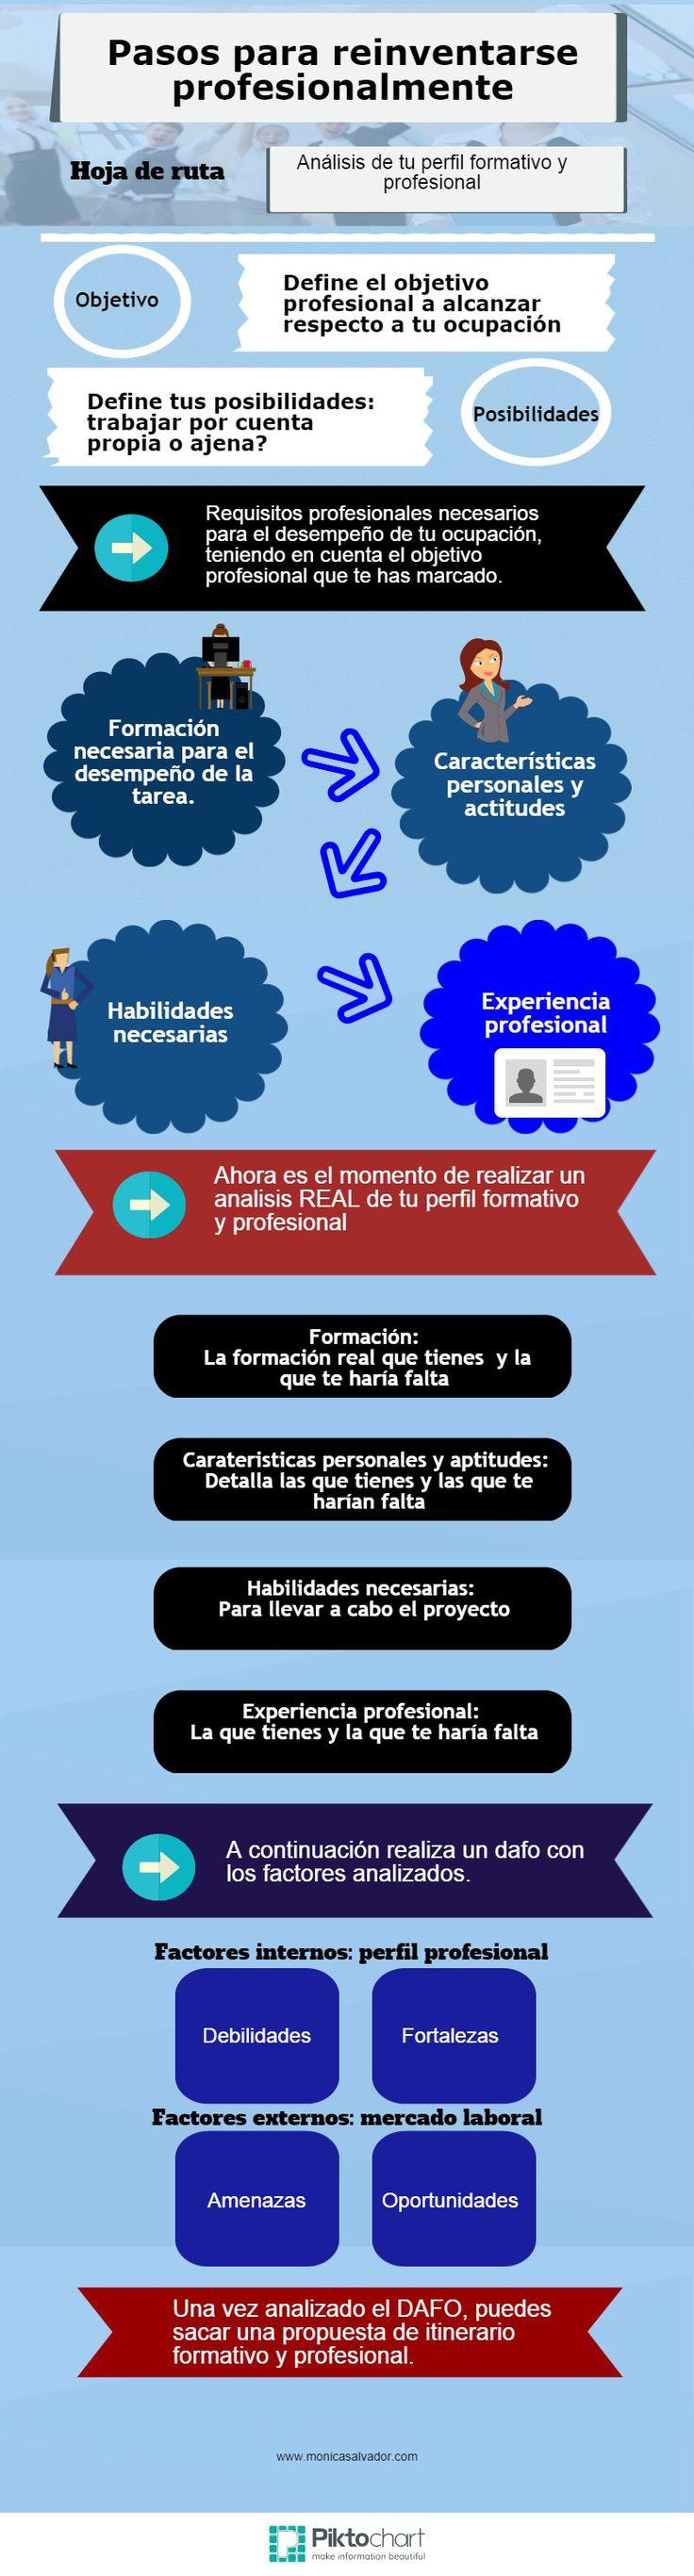 Pasos para reinventarse profesionalmente #infografia, #infographic, #emprendimiento, #entrepreneurship